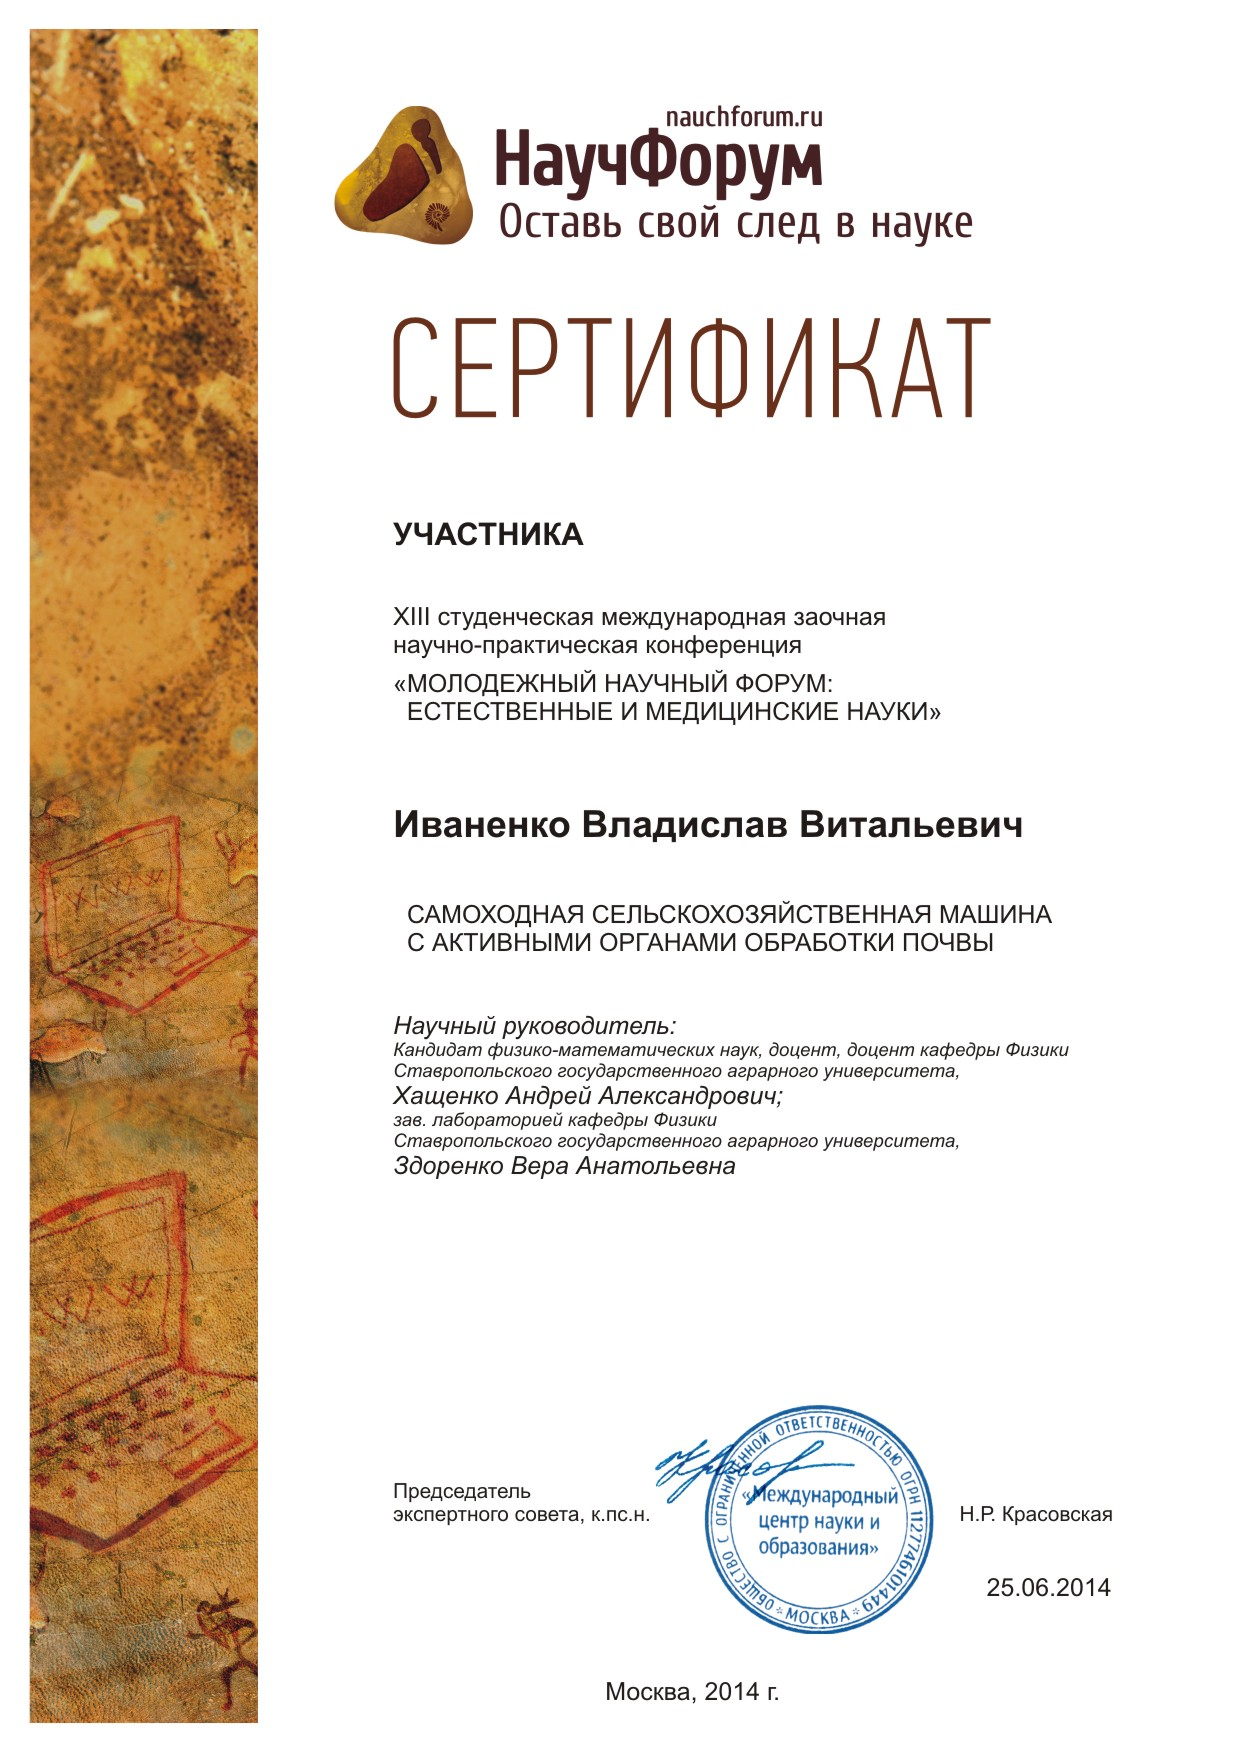 Отзывы о центре парапсихологии миллениум москва психологическая помощь в экстремальных ситуациях книга